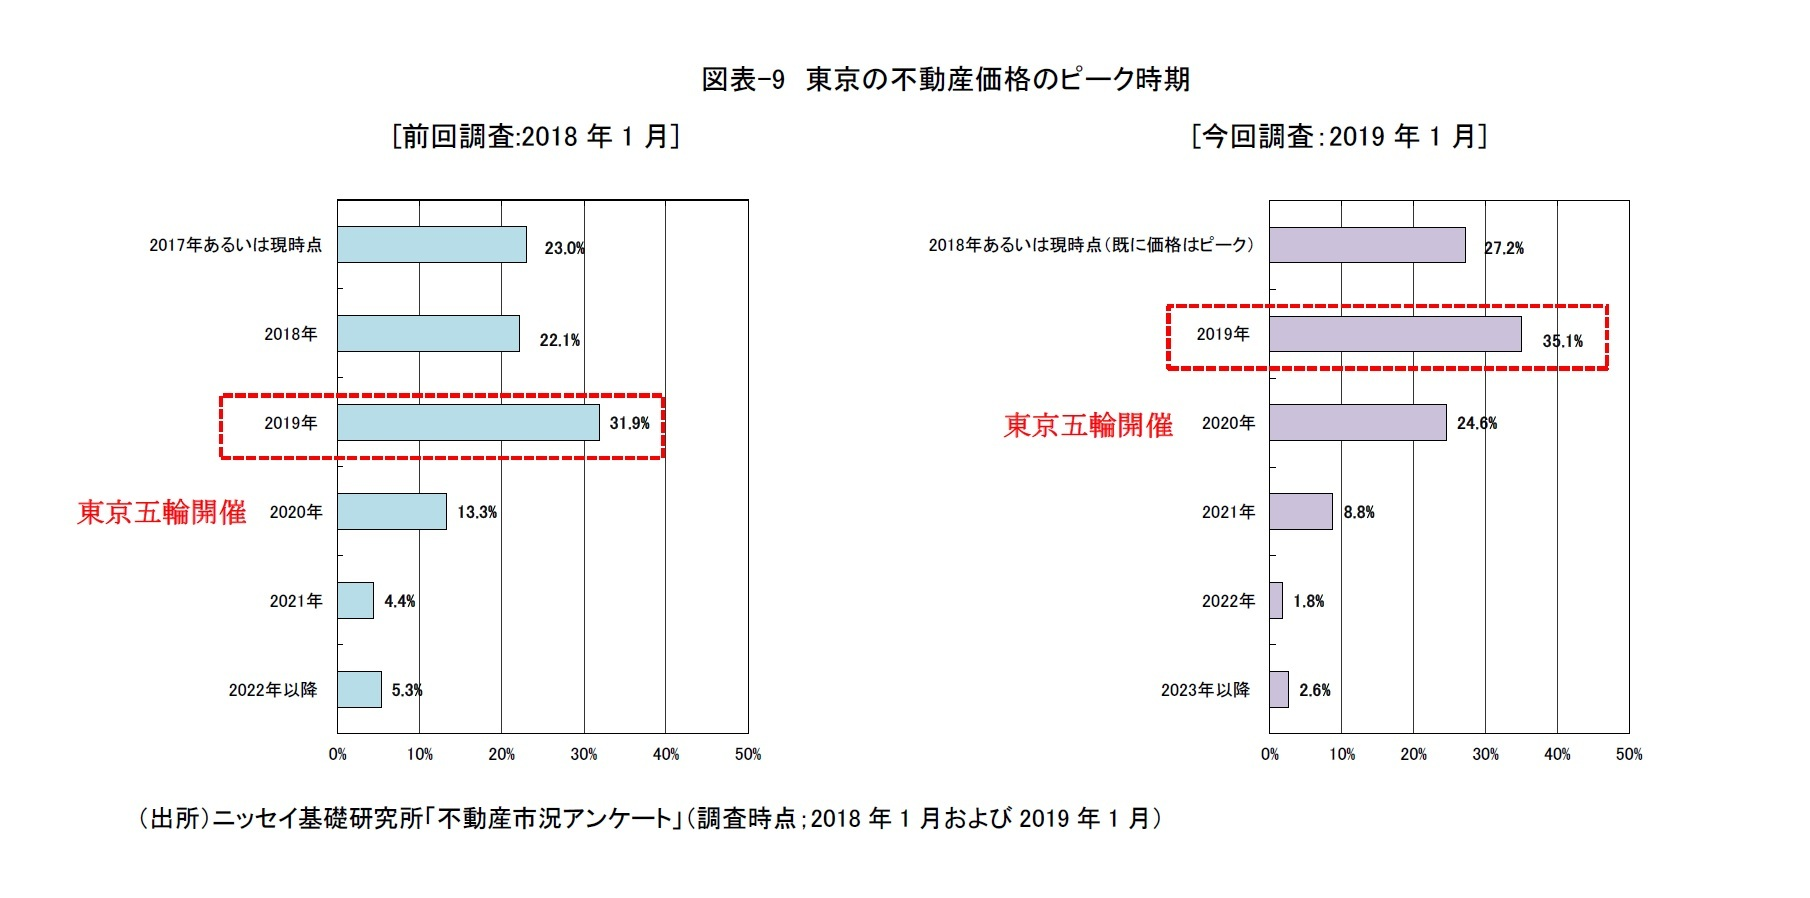 図表-9 東京の不動産価格のピーク時期